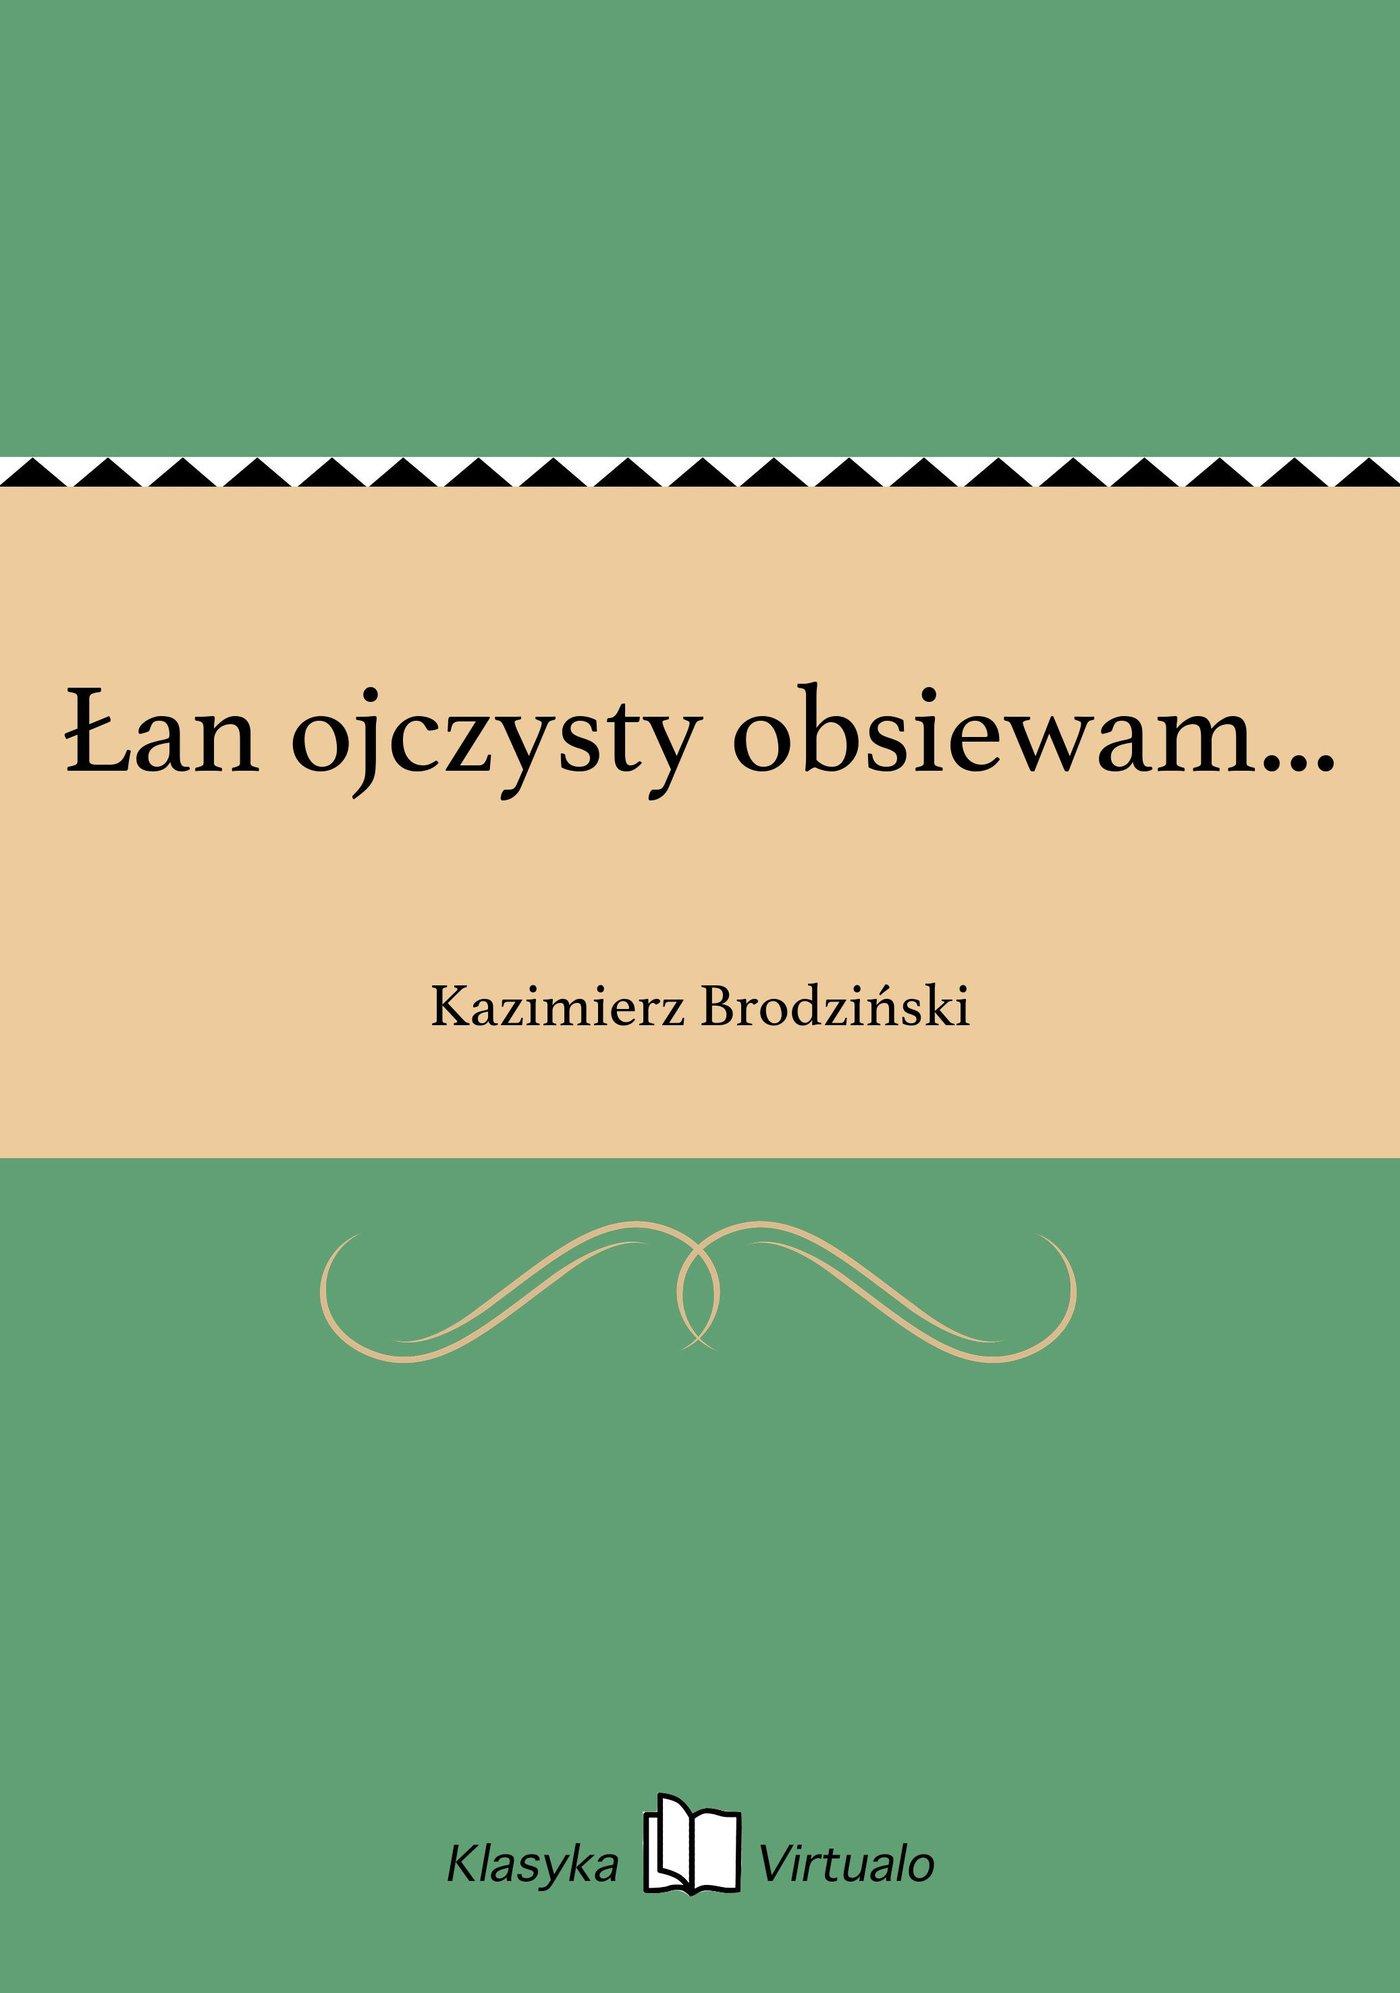 Łan ojczysty obsiewam... - Ebook (Książka EPUB) do pobrania w formacie EPUB